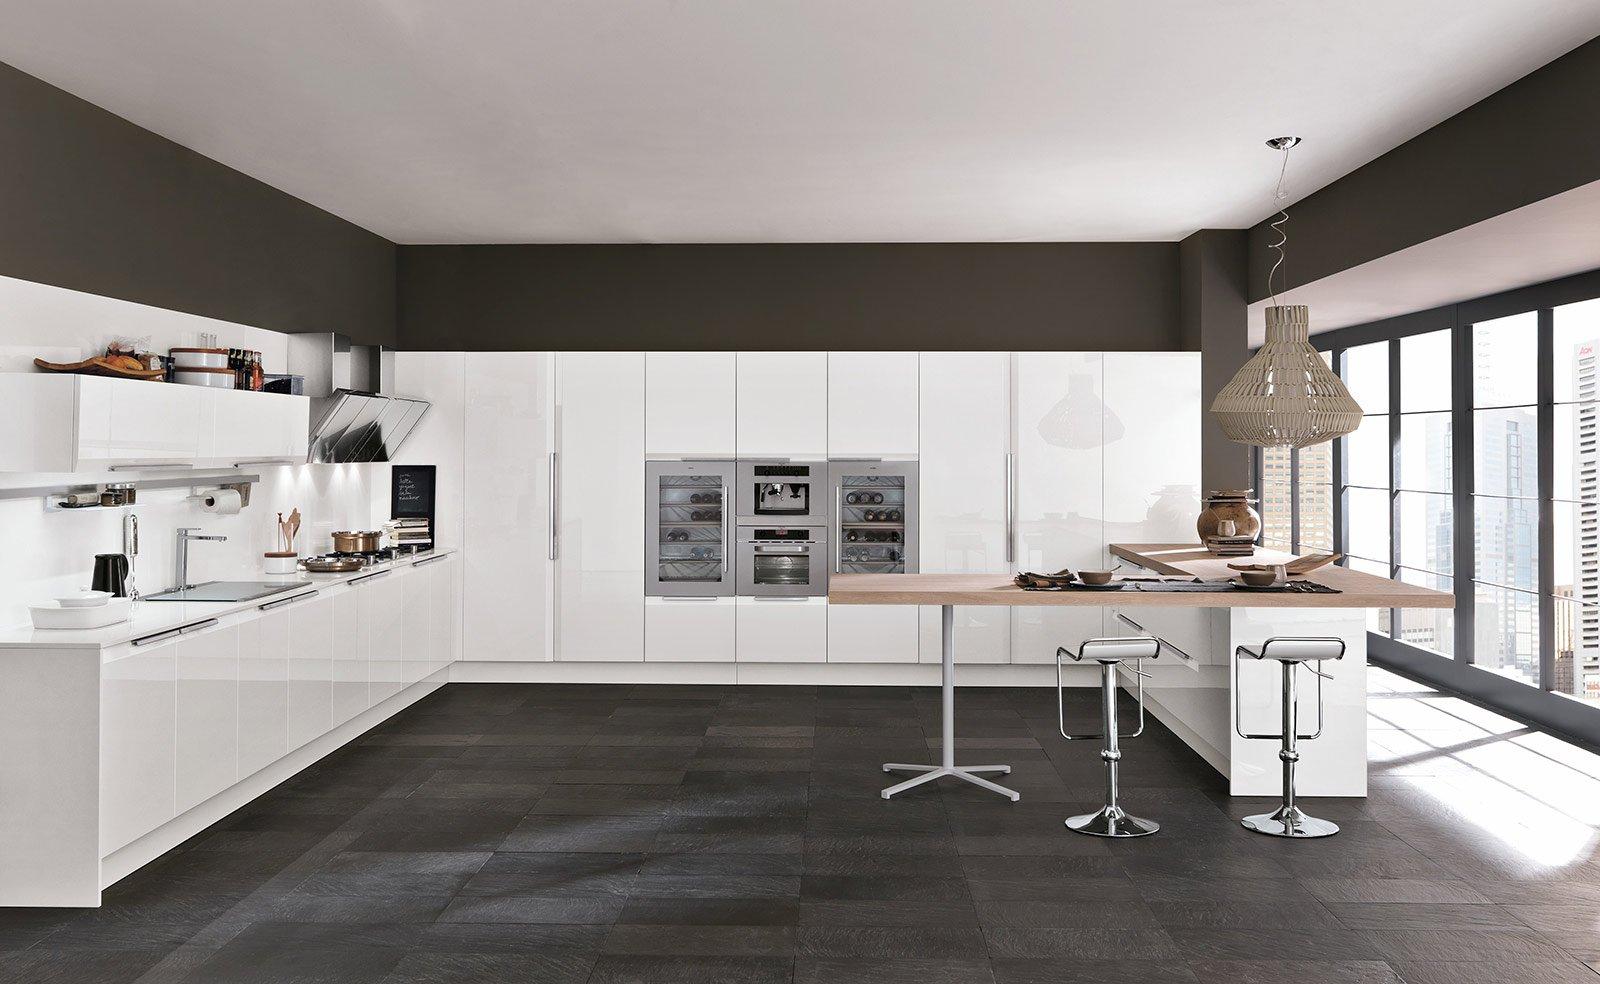 Febal chantal cucina cose di casa - Cucine moderne bianche ...